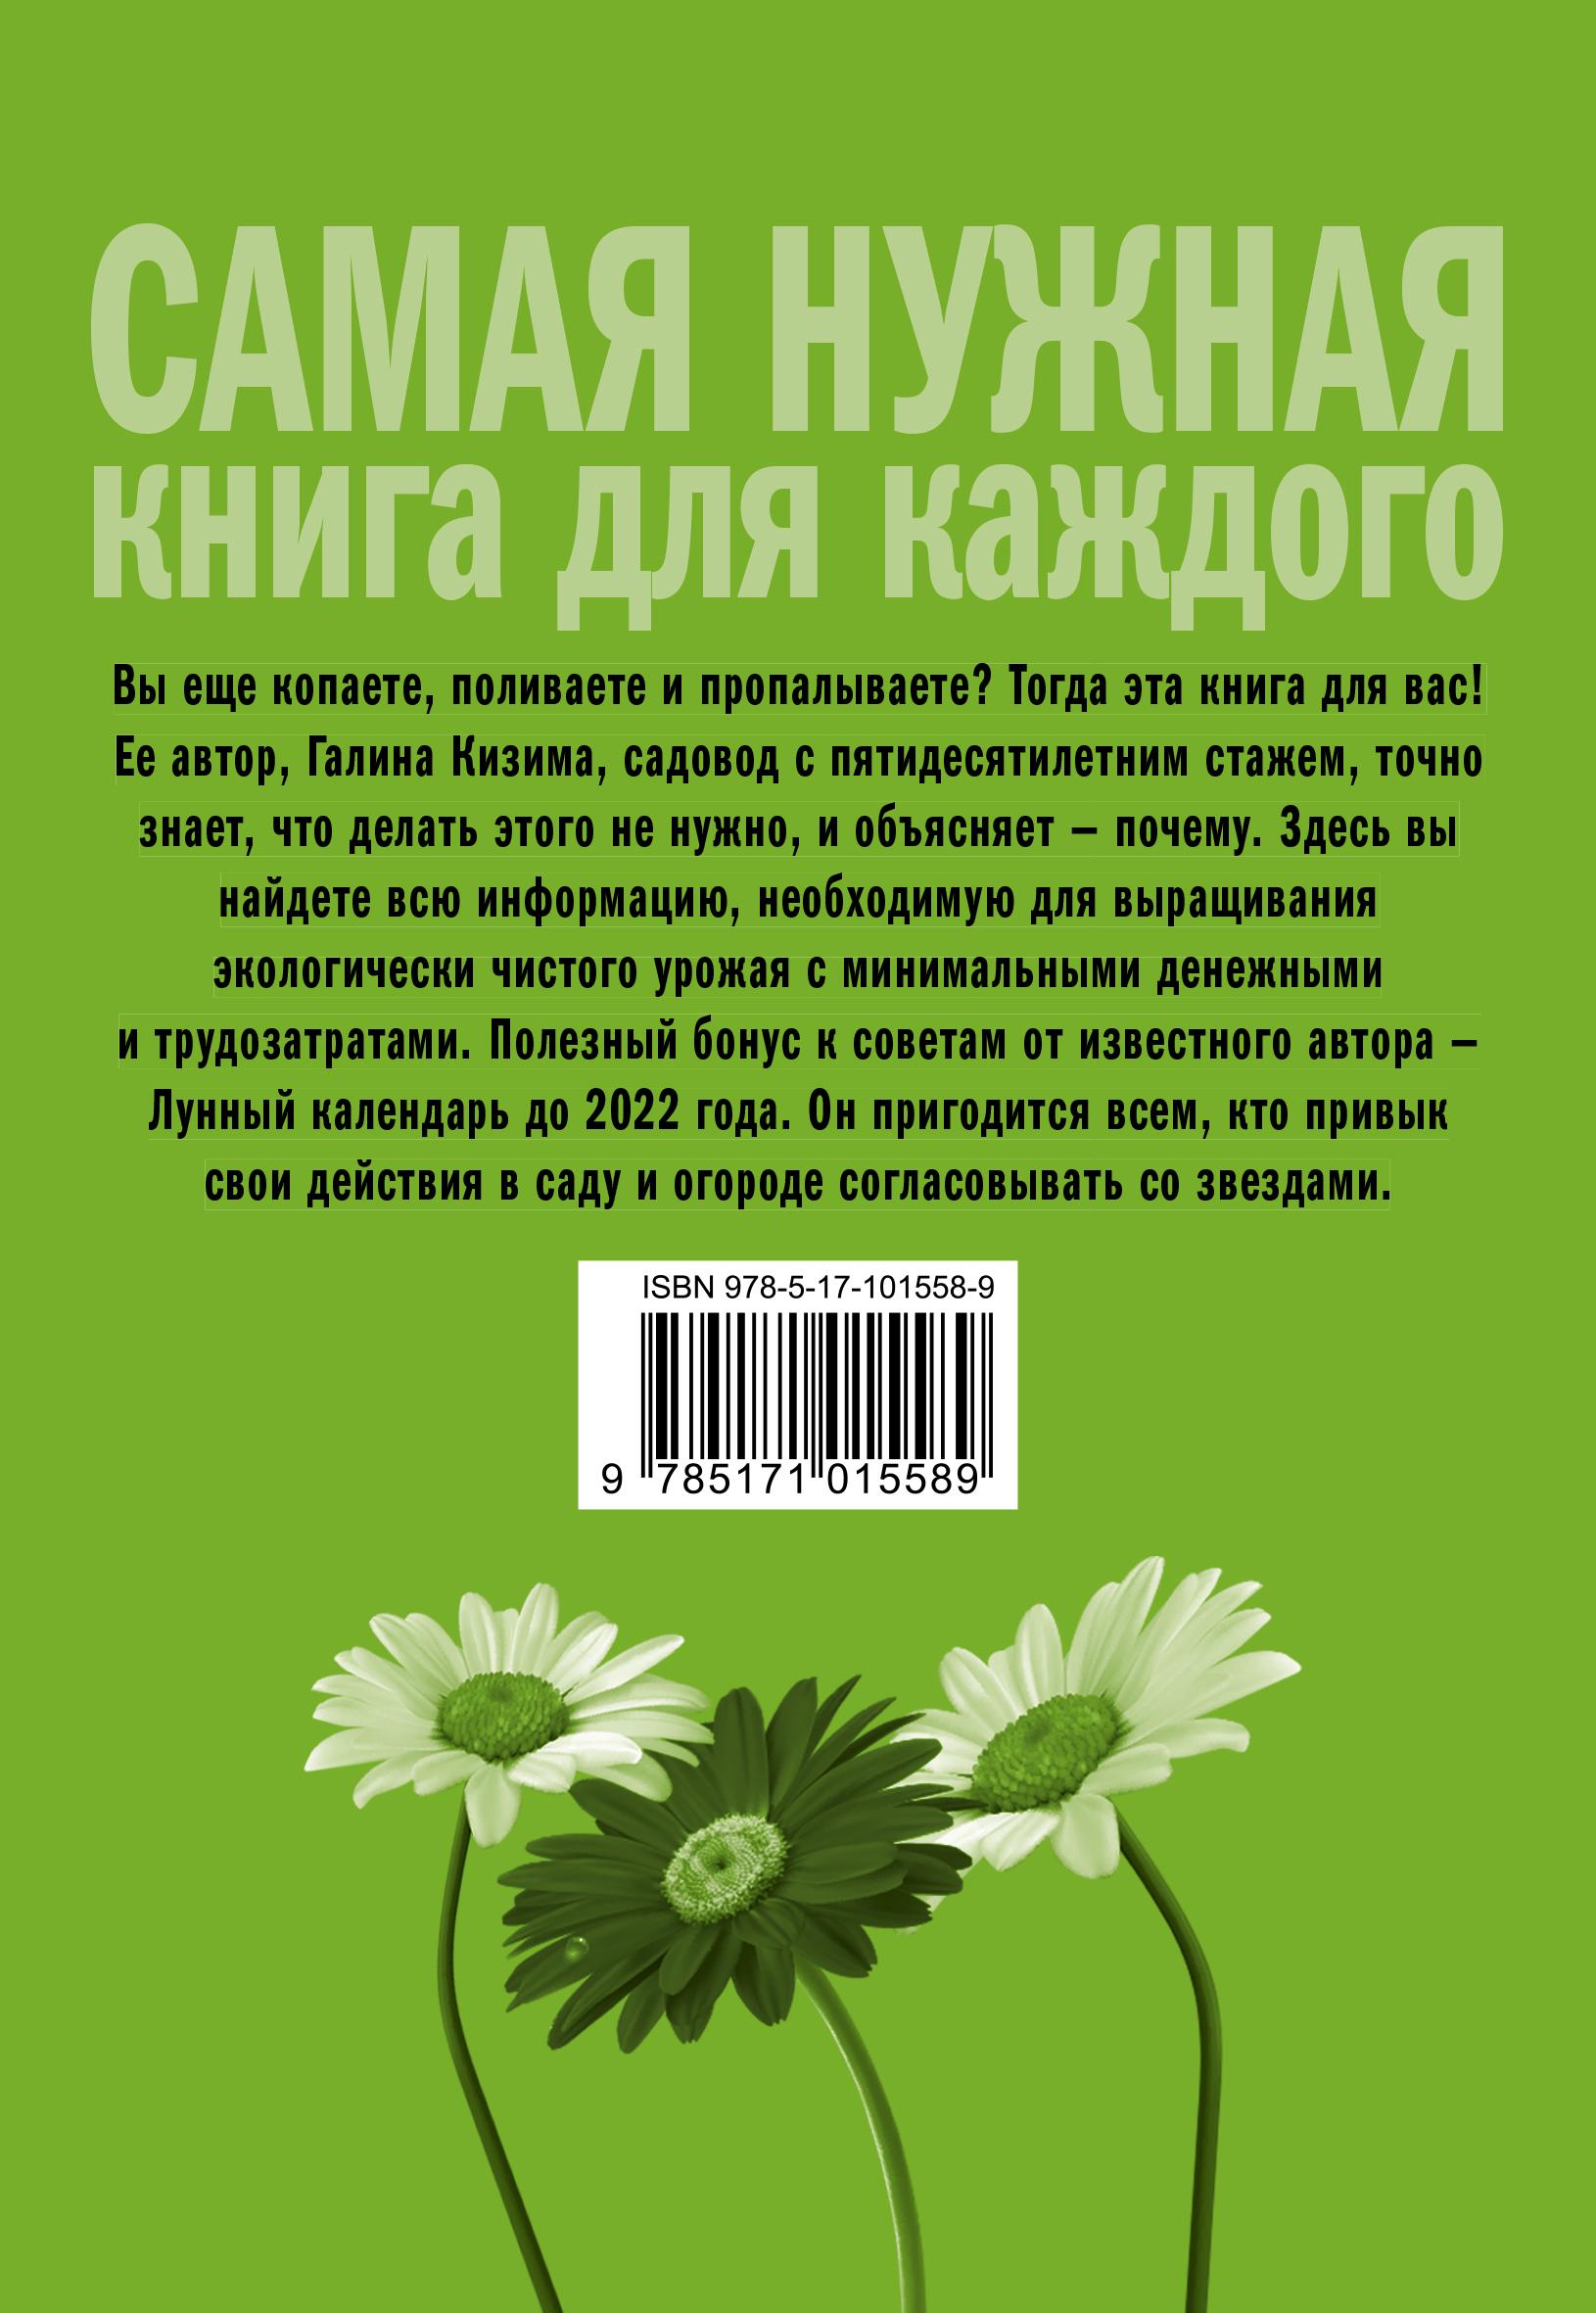 Книга огородника и садовода. Долгосрочный календарь до 2022 года.